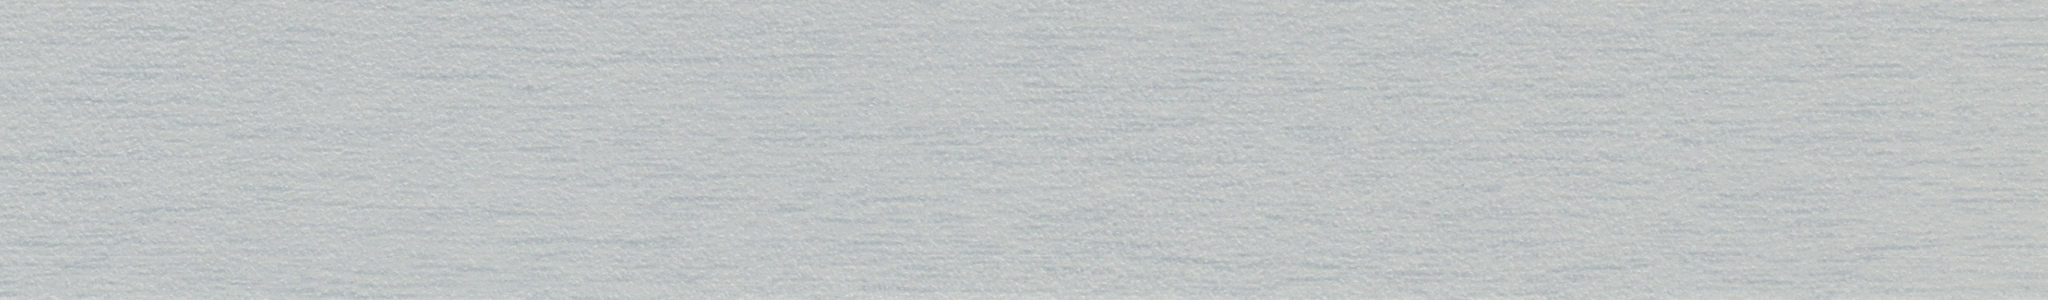 HD 298110 ABS hrana aluminium perla